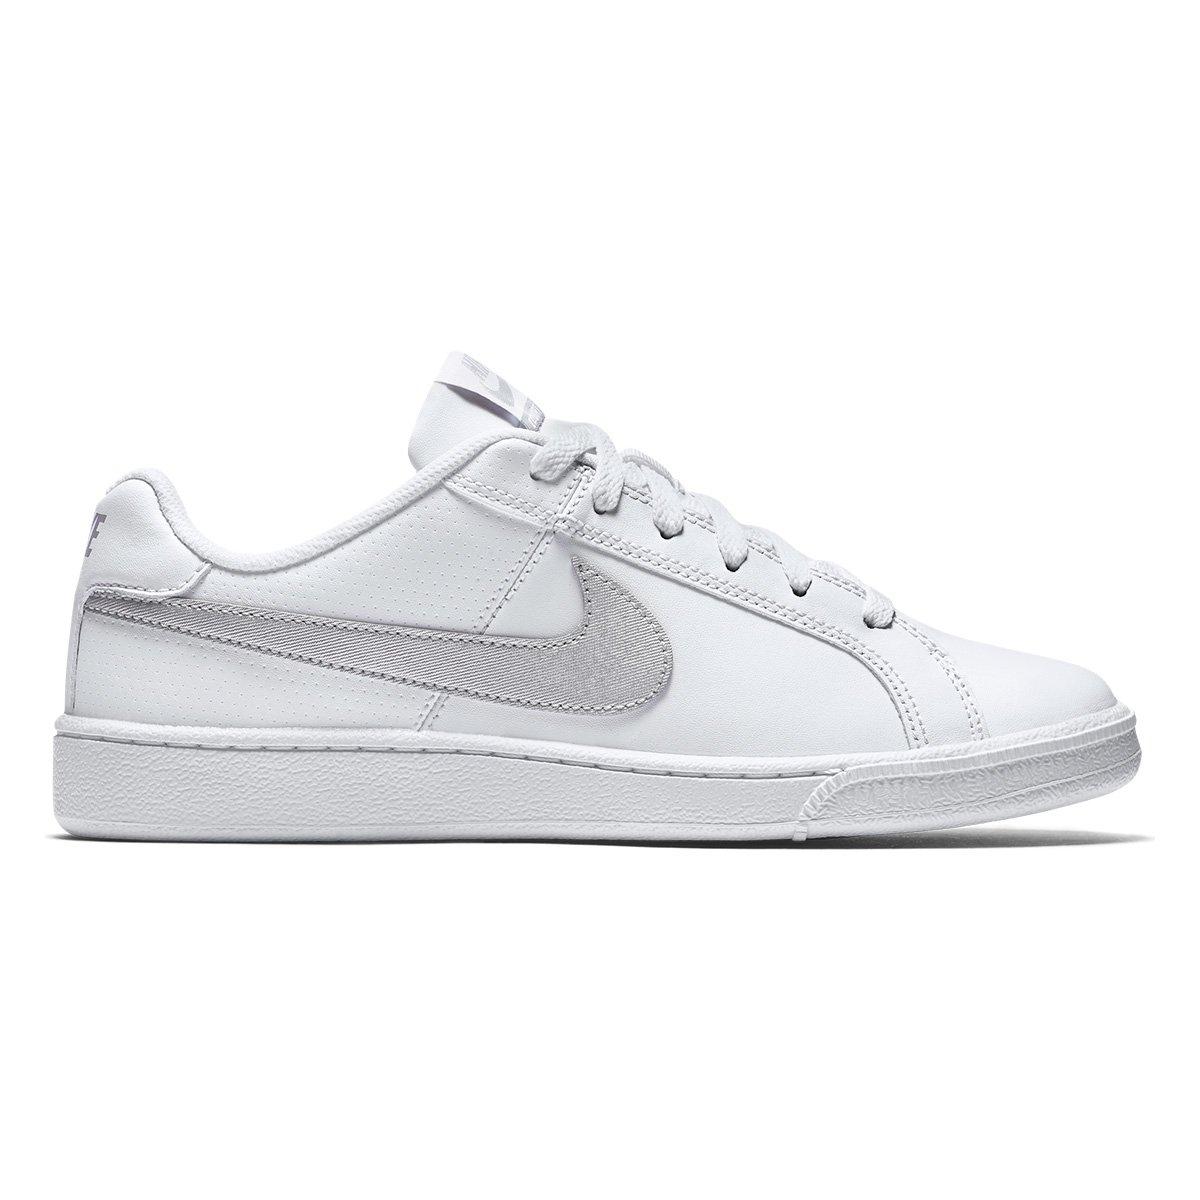 fe691a358e Tênis Couro Nike Court Royale Feminino - Branco e prata - Compre Agora